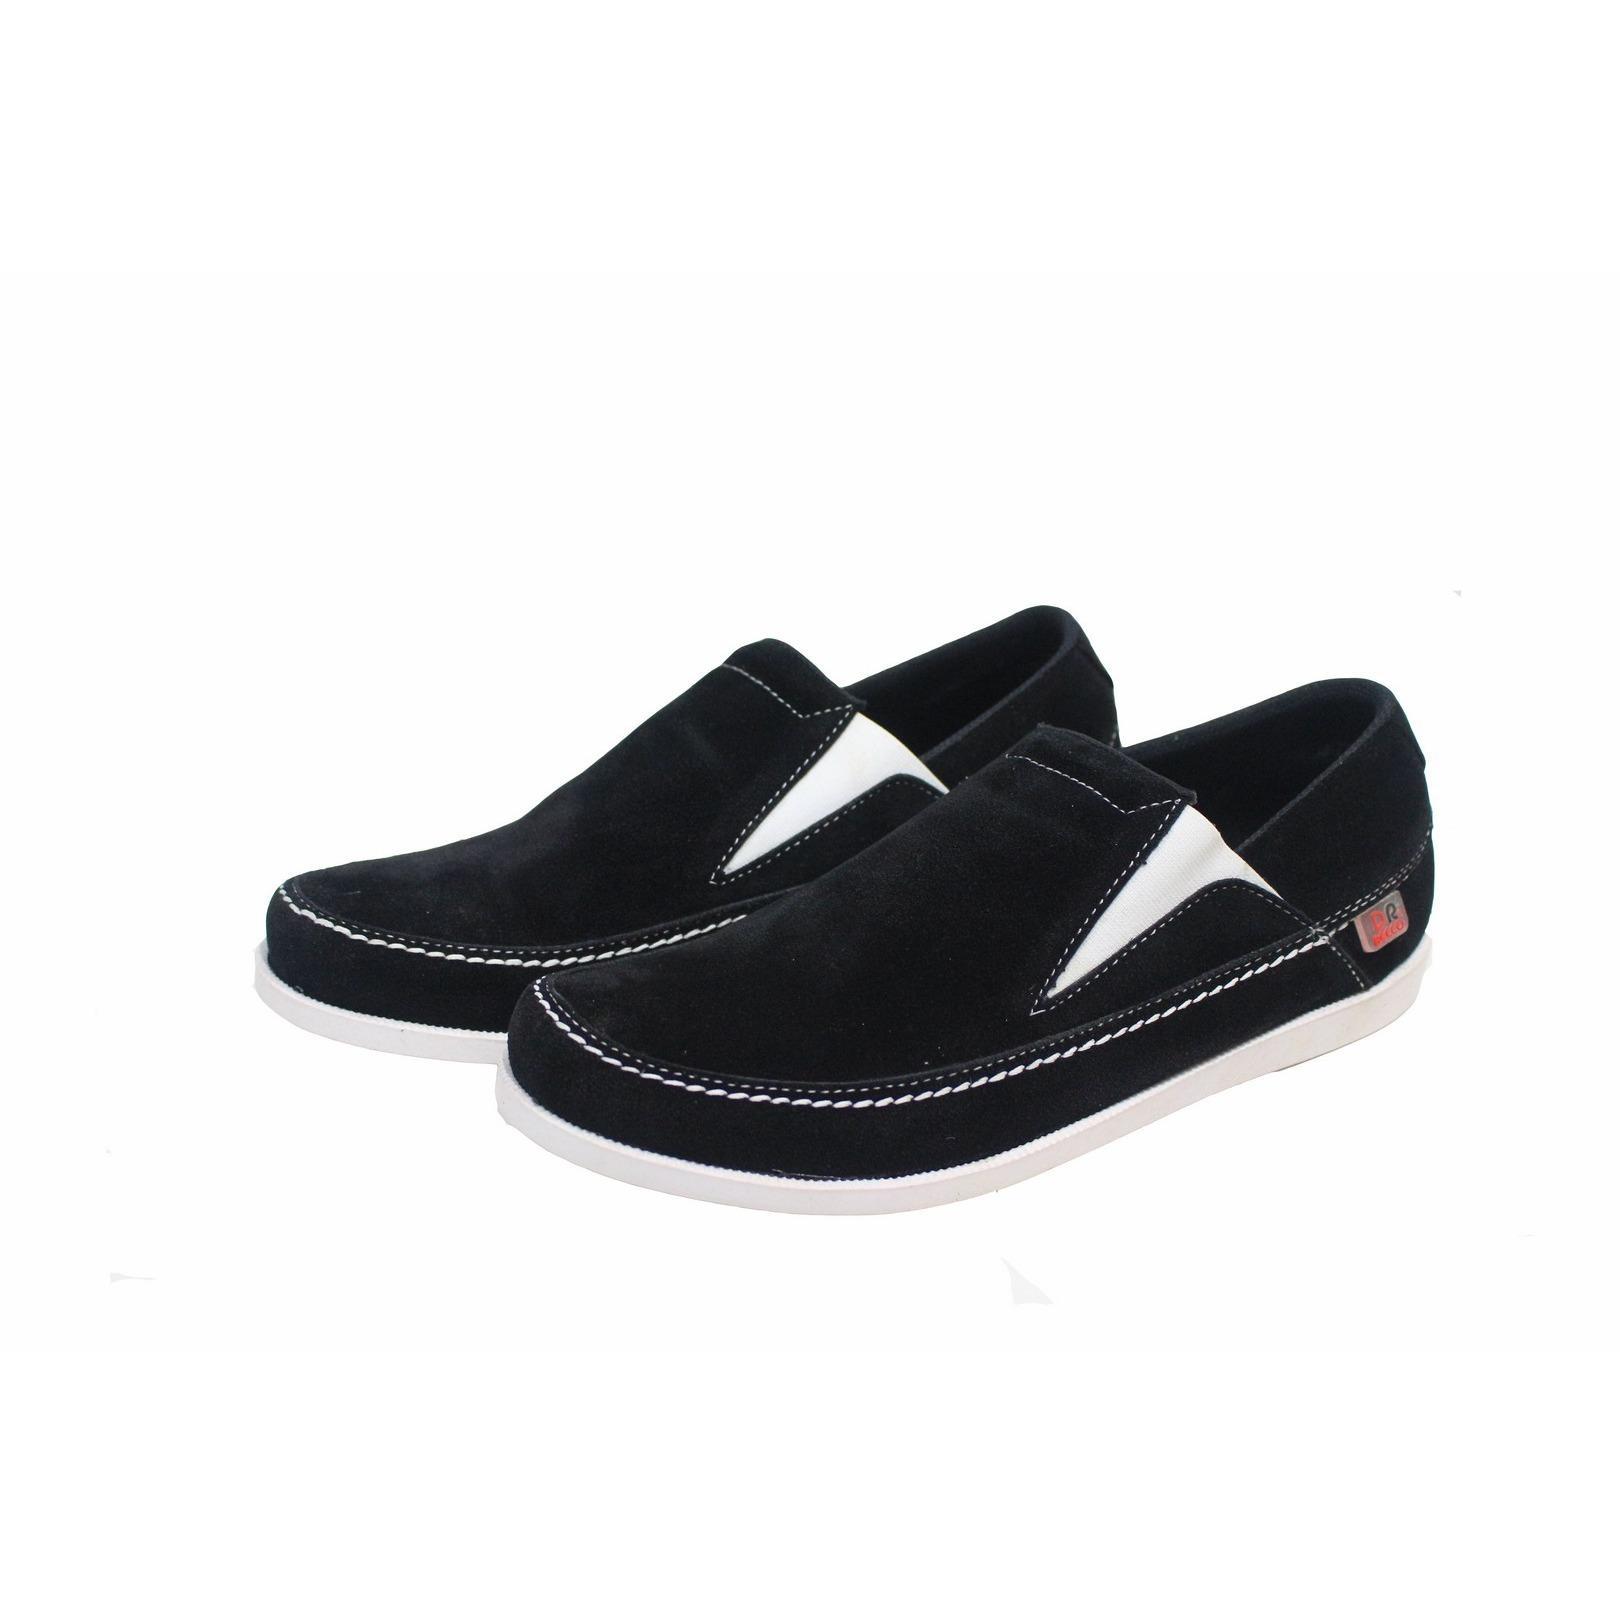 Sepatu Casual Pria Sepatu Playboy